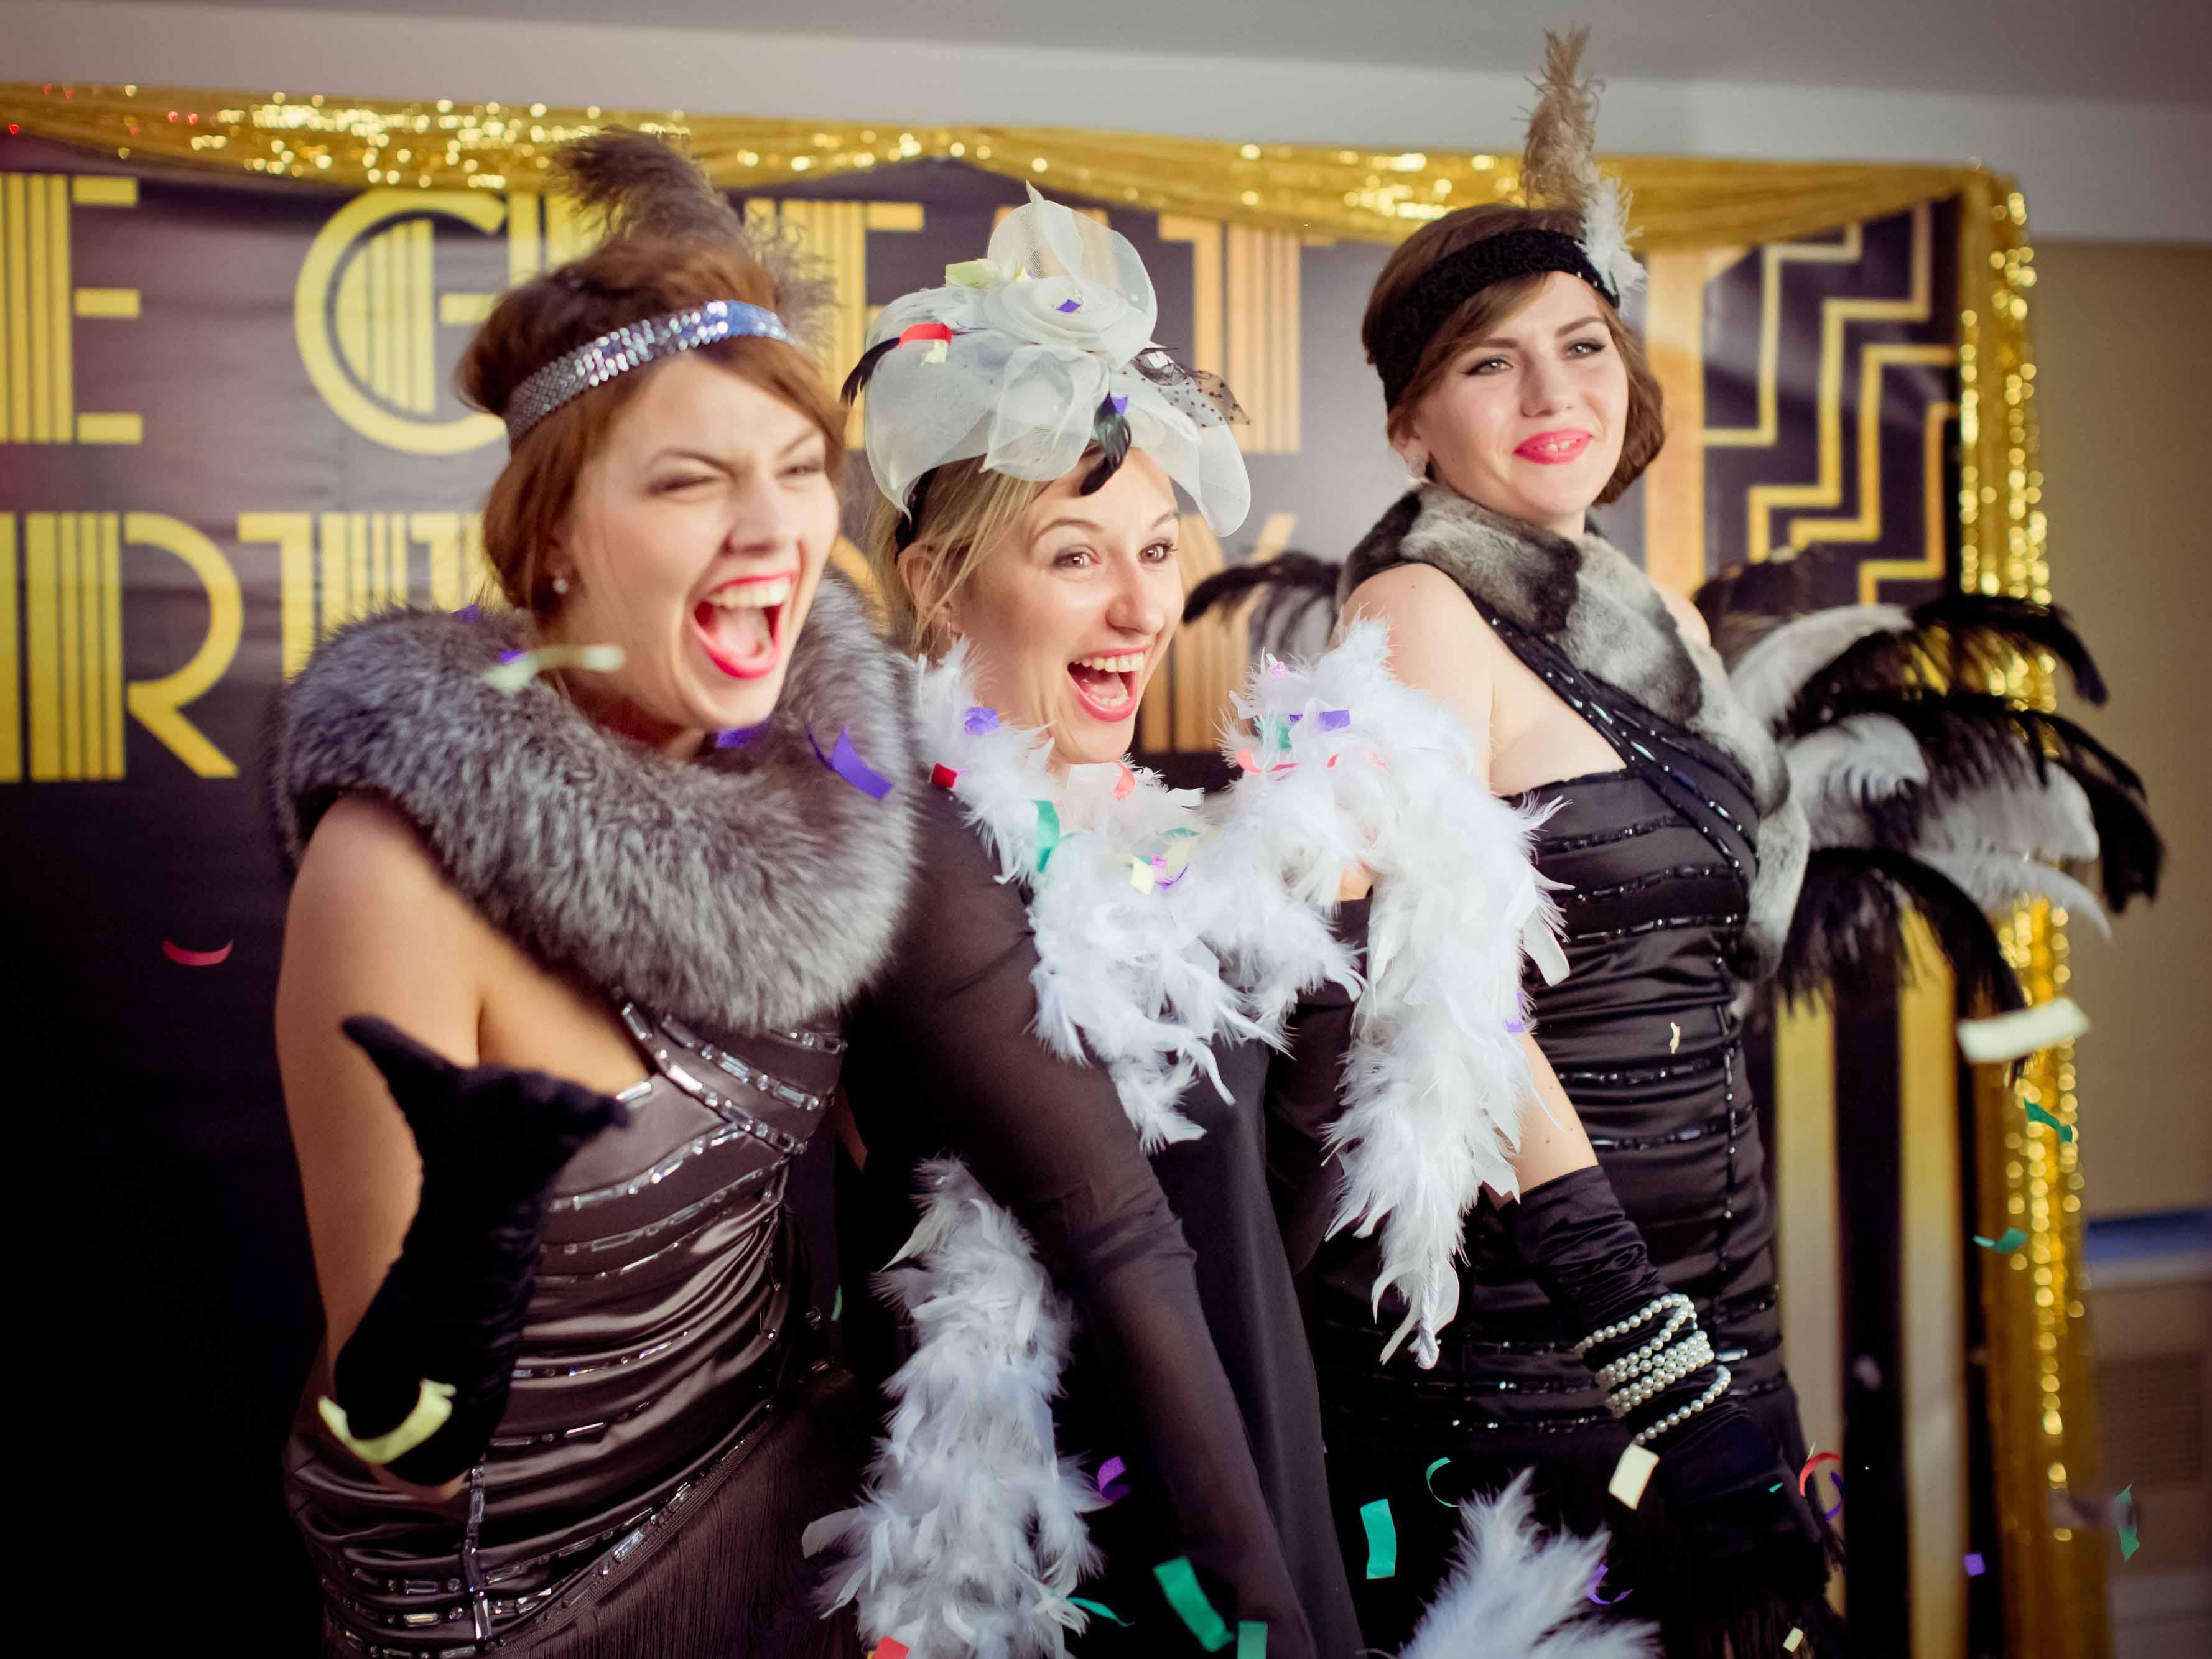 вечеринка в стиле гэтсби фото что одеть отдыхающих предусмотрено несколько